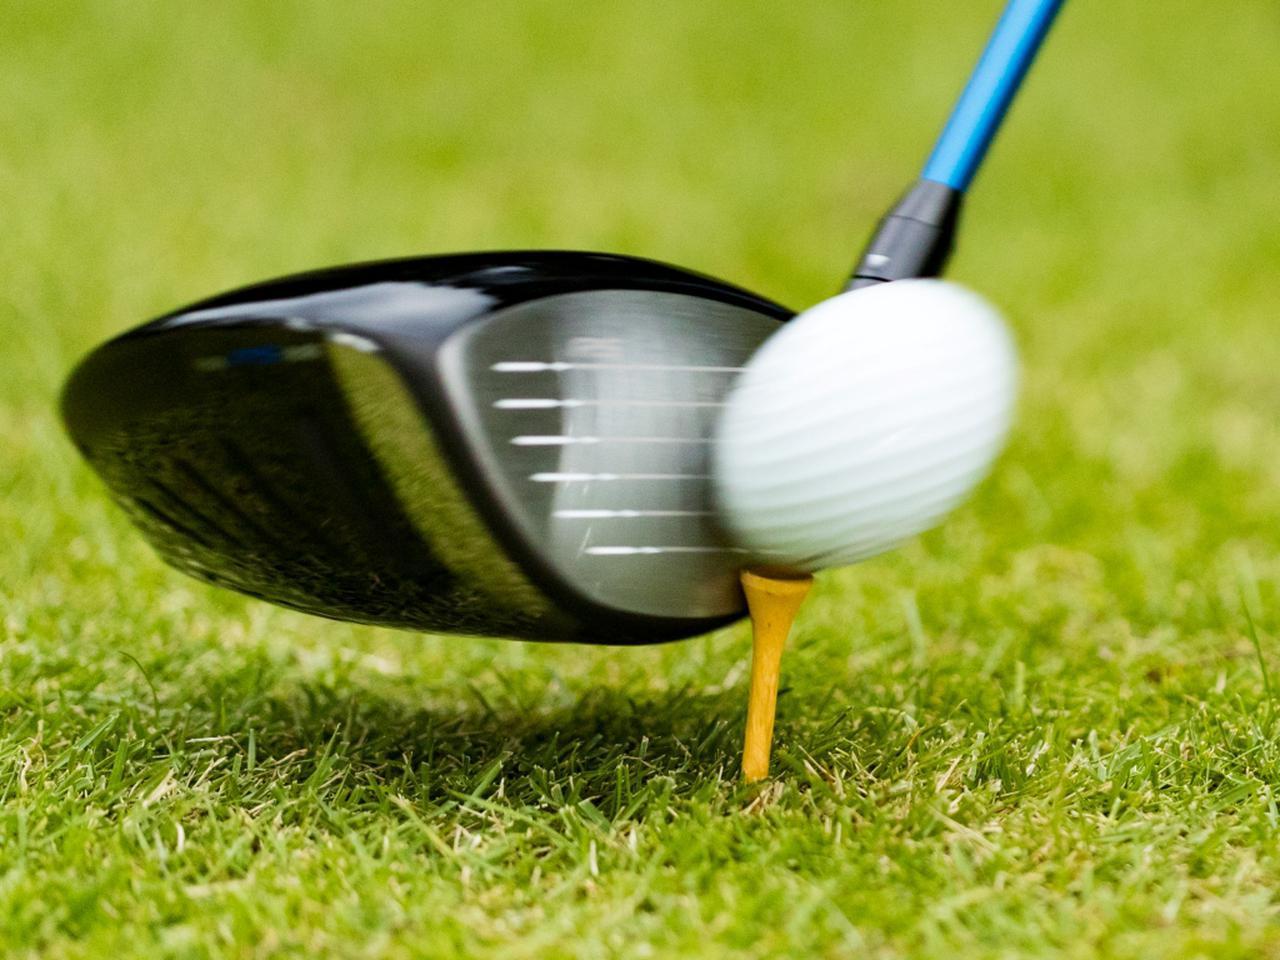 画像: ゴルフにおいても自分に自信を持ってプレーすることがメンタルの安定にもつながり、パフォーマンスも向上すると池氏